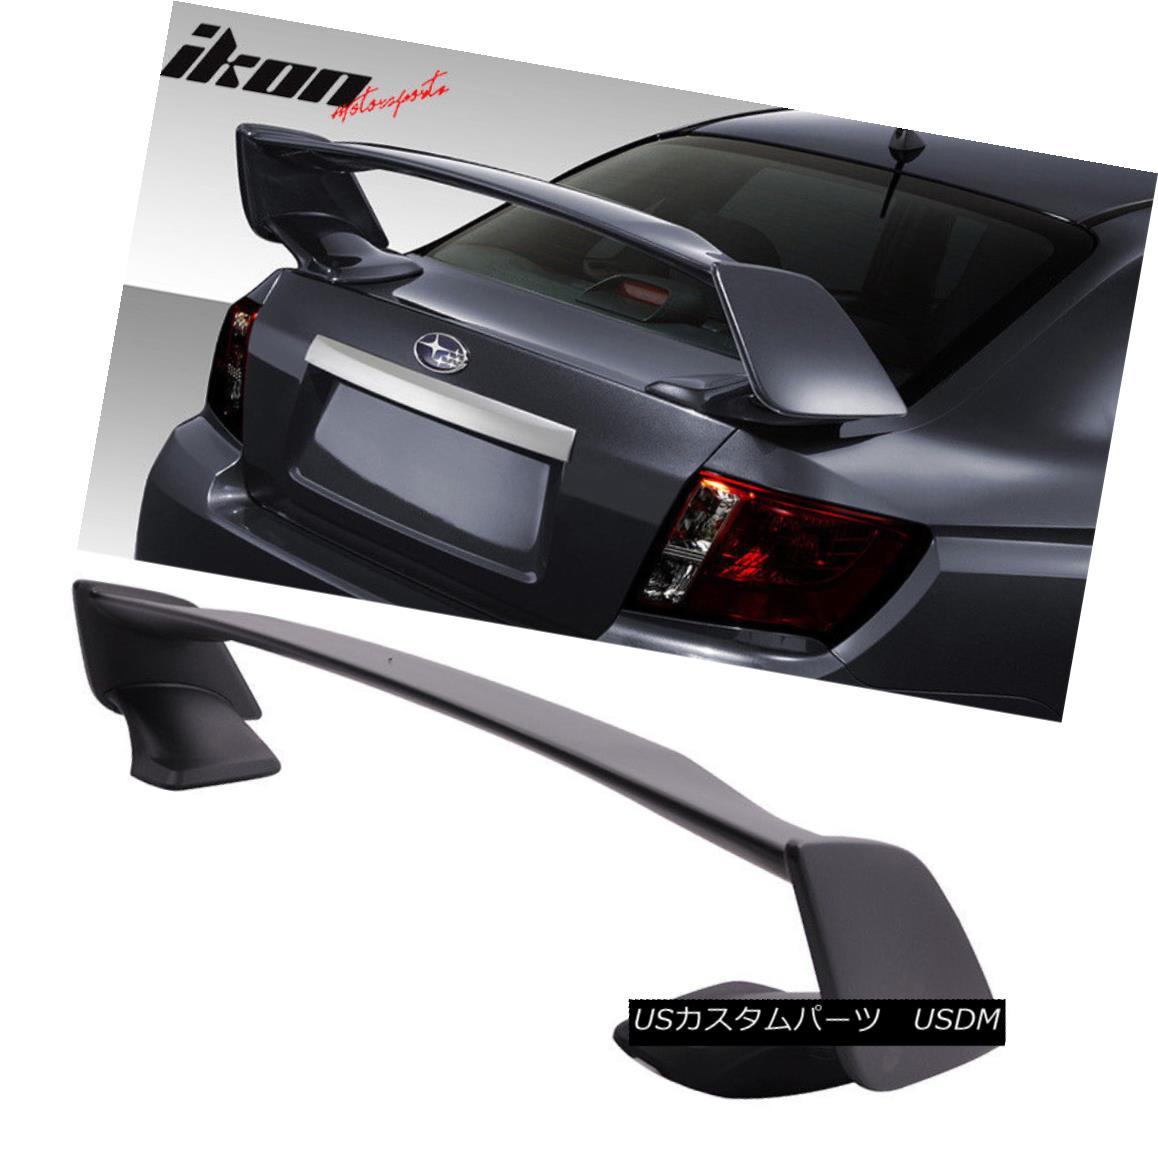 エアロパーツ Fit 08-14 Subaru WRX 4Dr 08-11 Impreza STi ST Style 4Dr Trunk Spoiler Wing (ABS) フィット08-14スバルWRX 4Dr 08-11インプレッサSTi STスタイル4Drトランクスポイラーウィング(ABS)